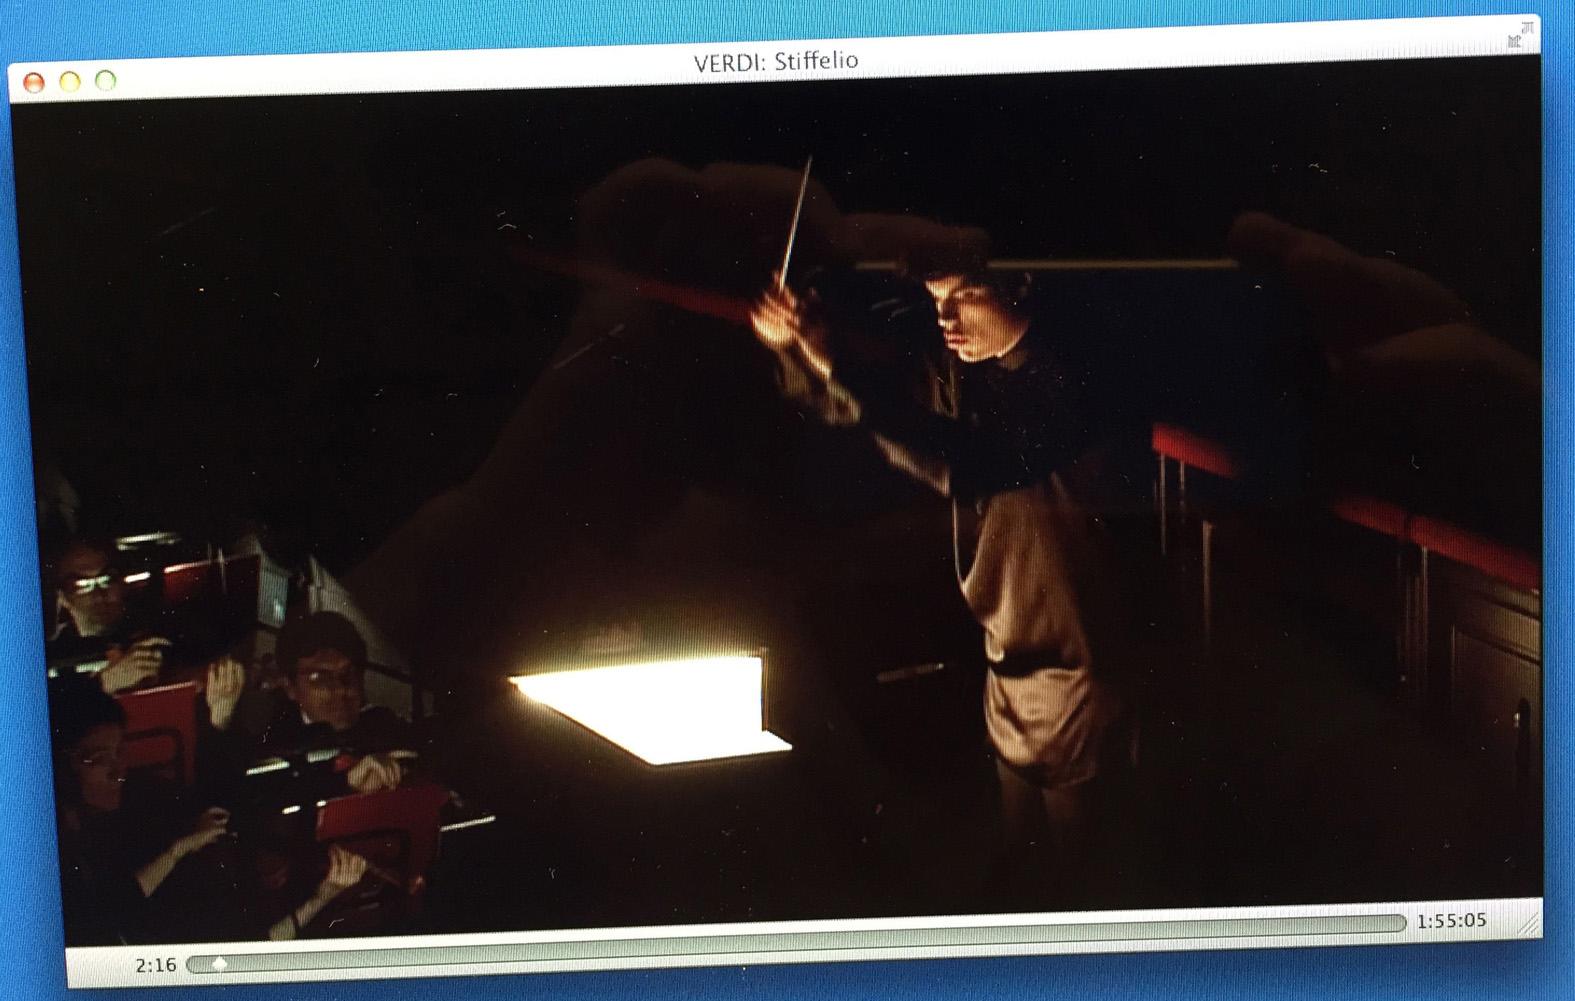 バッティストーニ指揮 ヴェルディ 「スティッフェリオ」_e0127948_244337.jpg